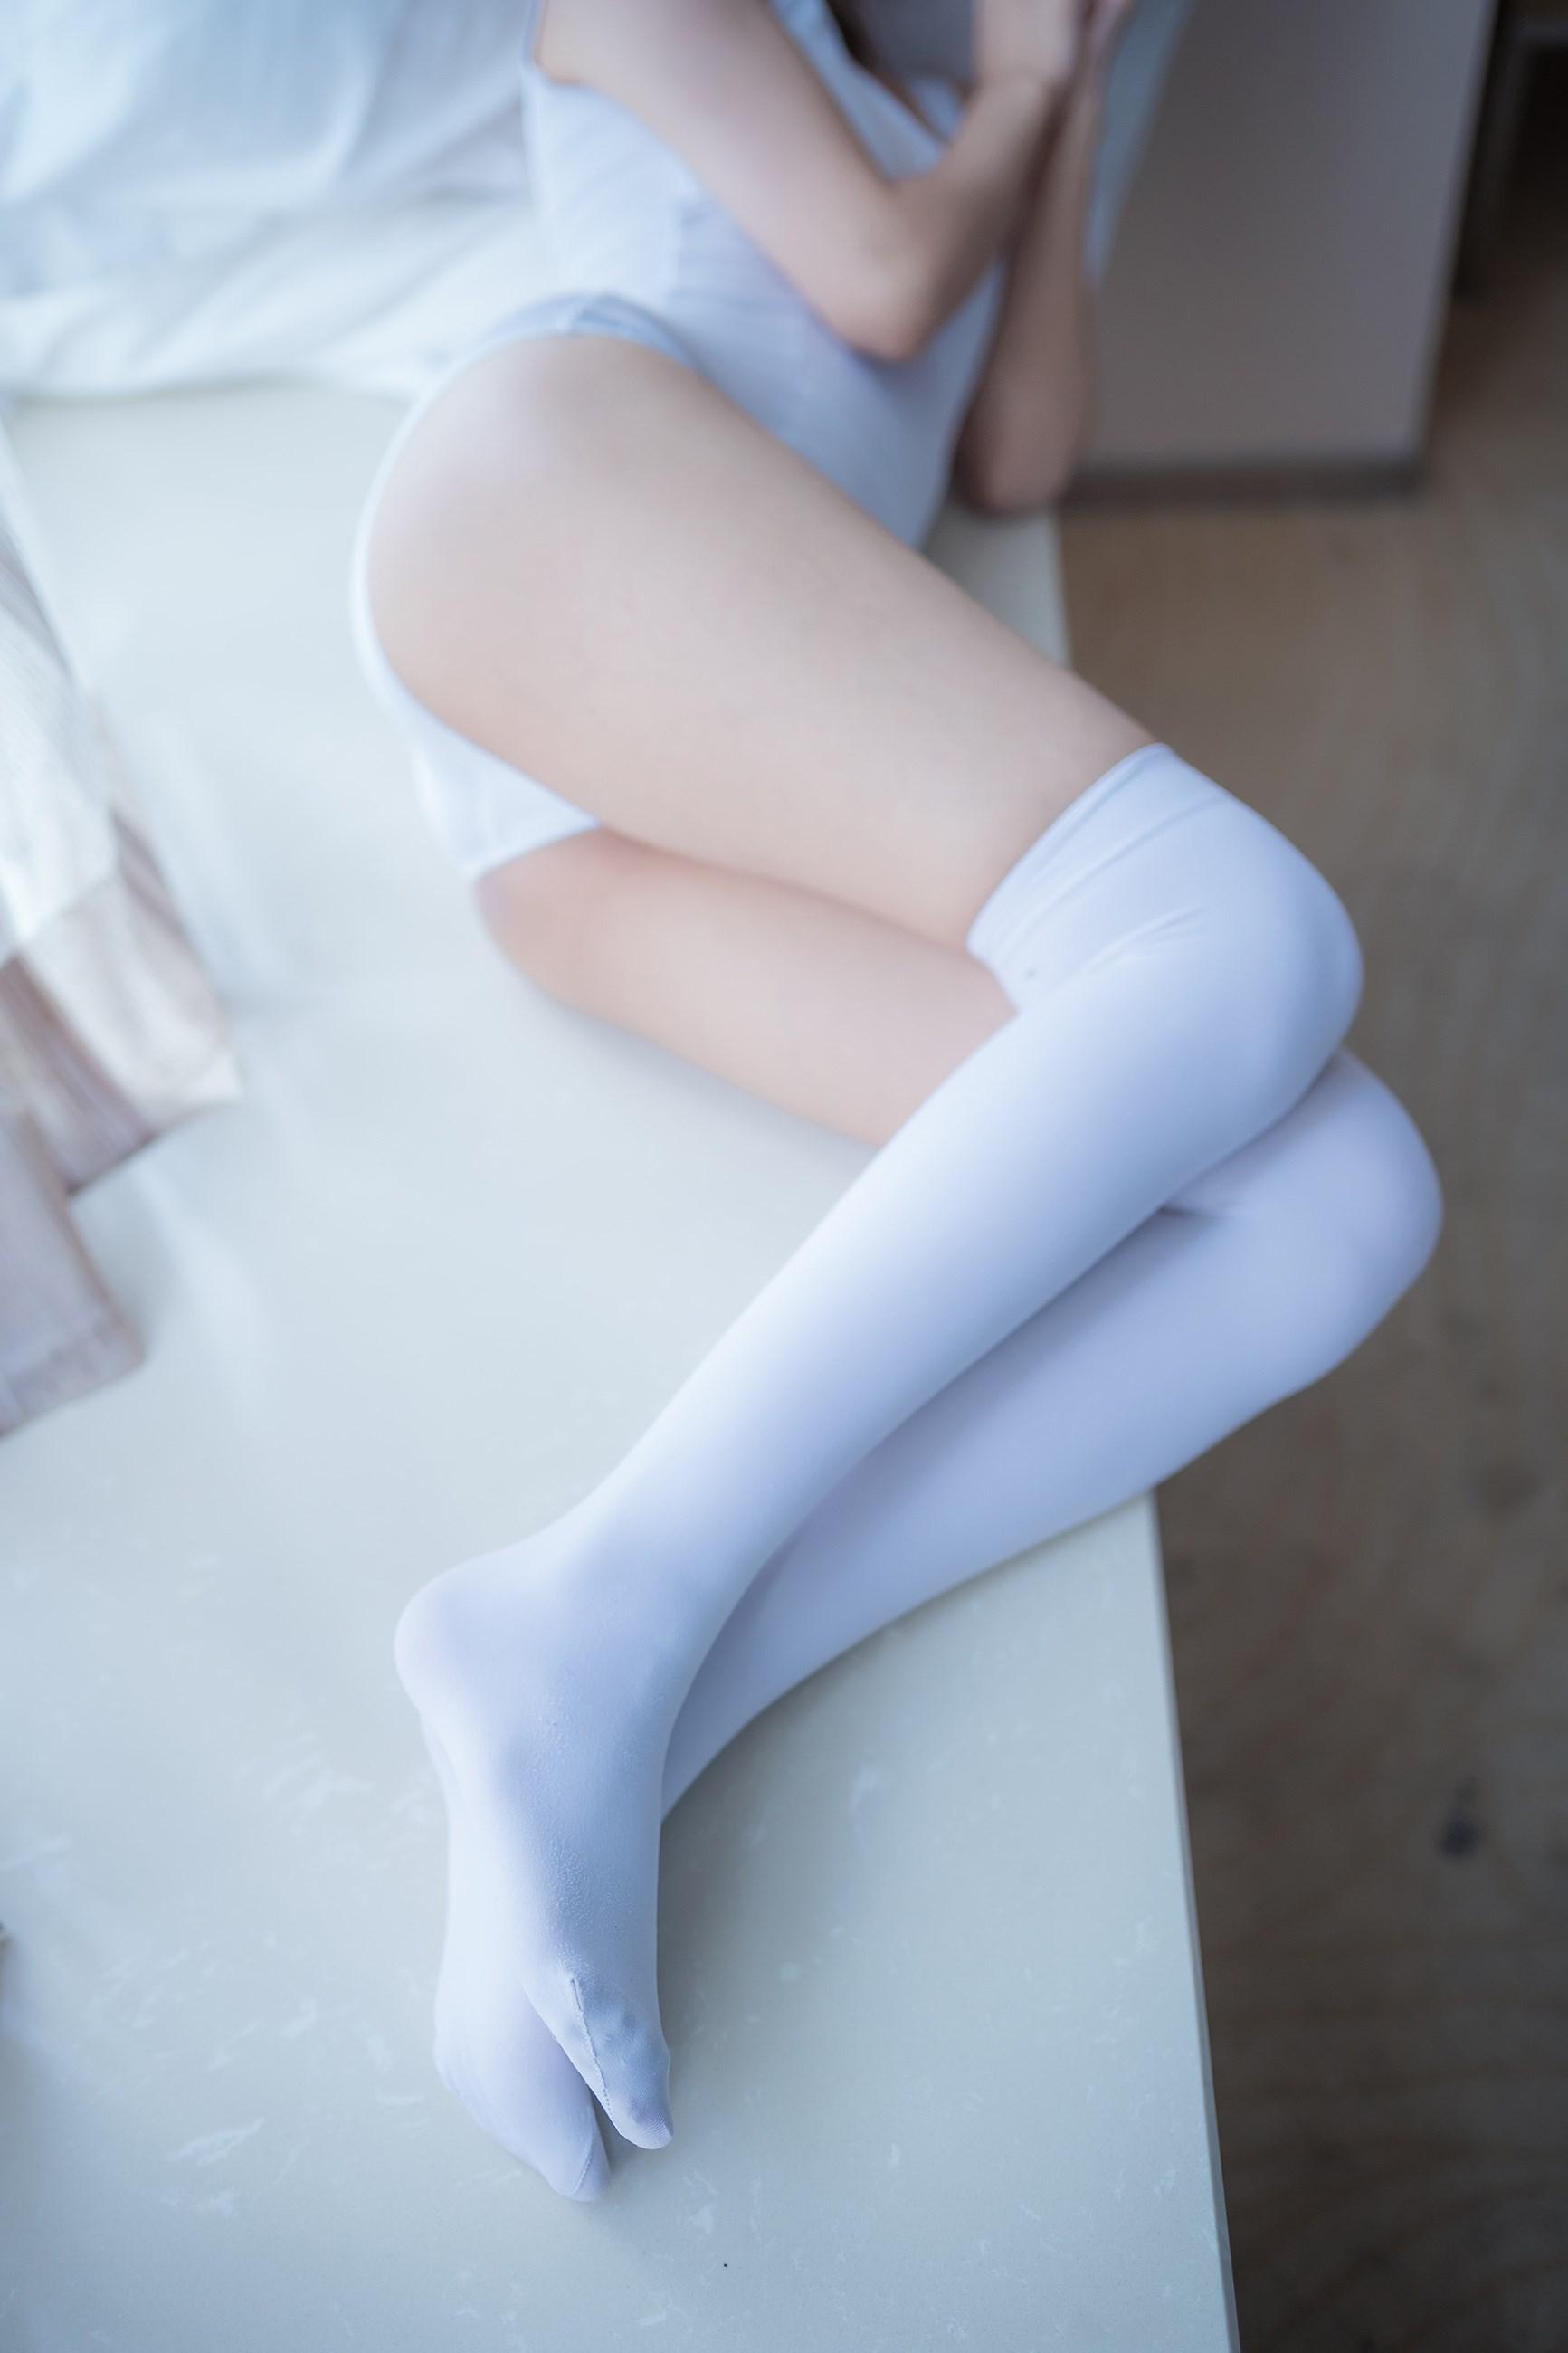 【兔玩映画】vol.09-纯白色 兔玩映画 第38张